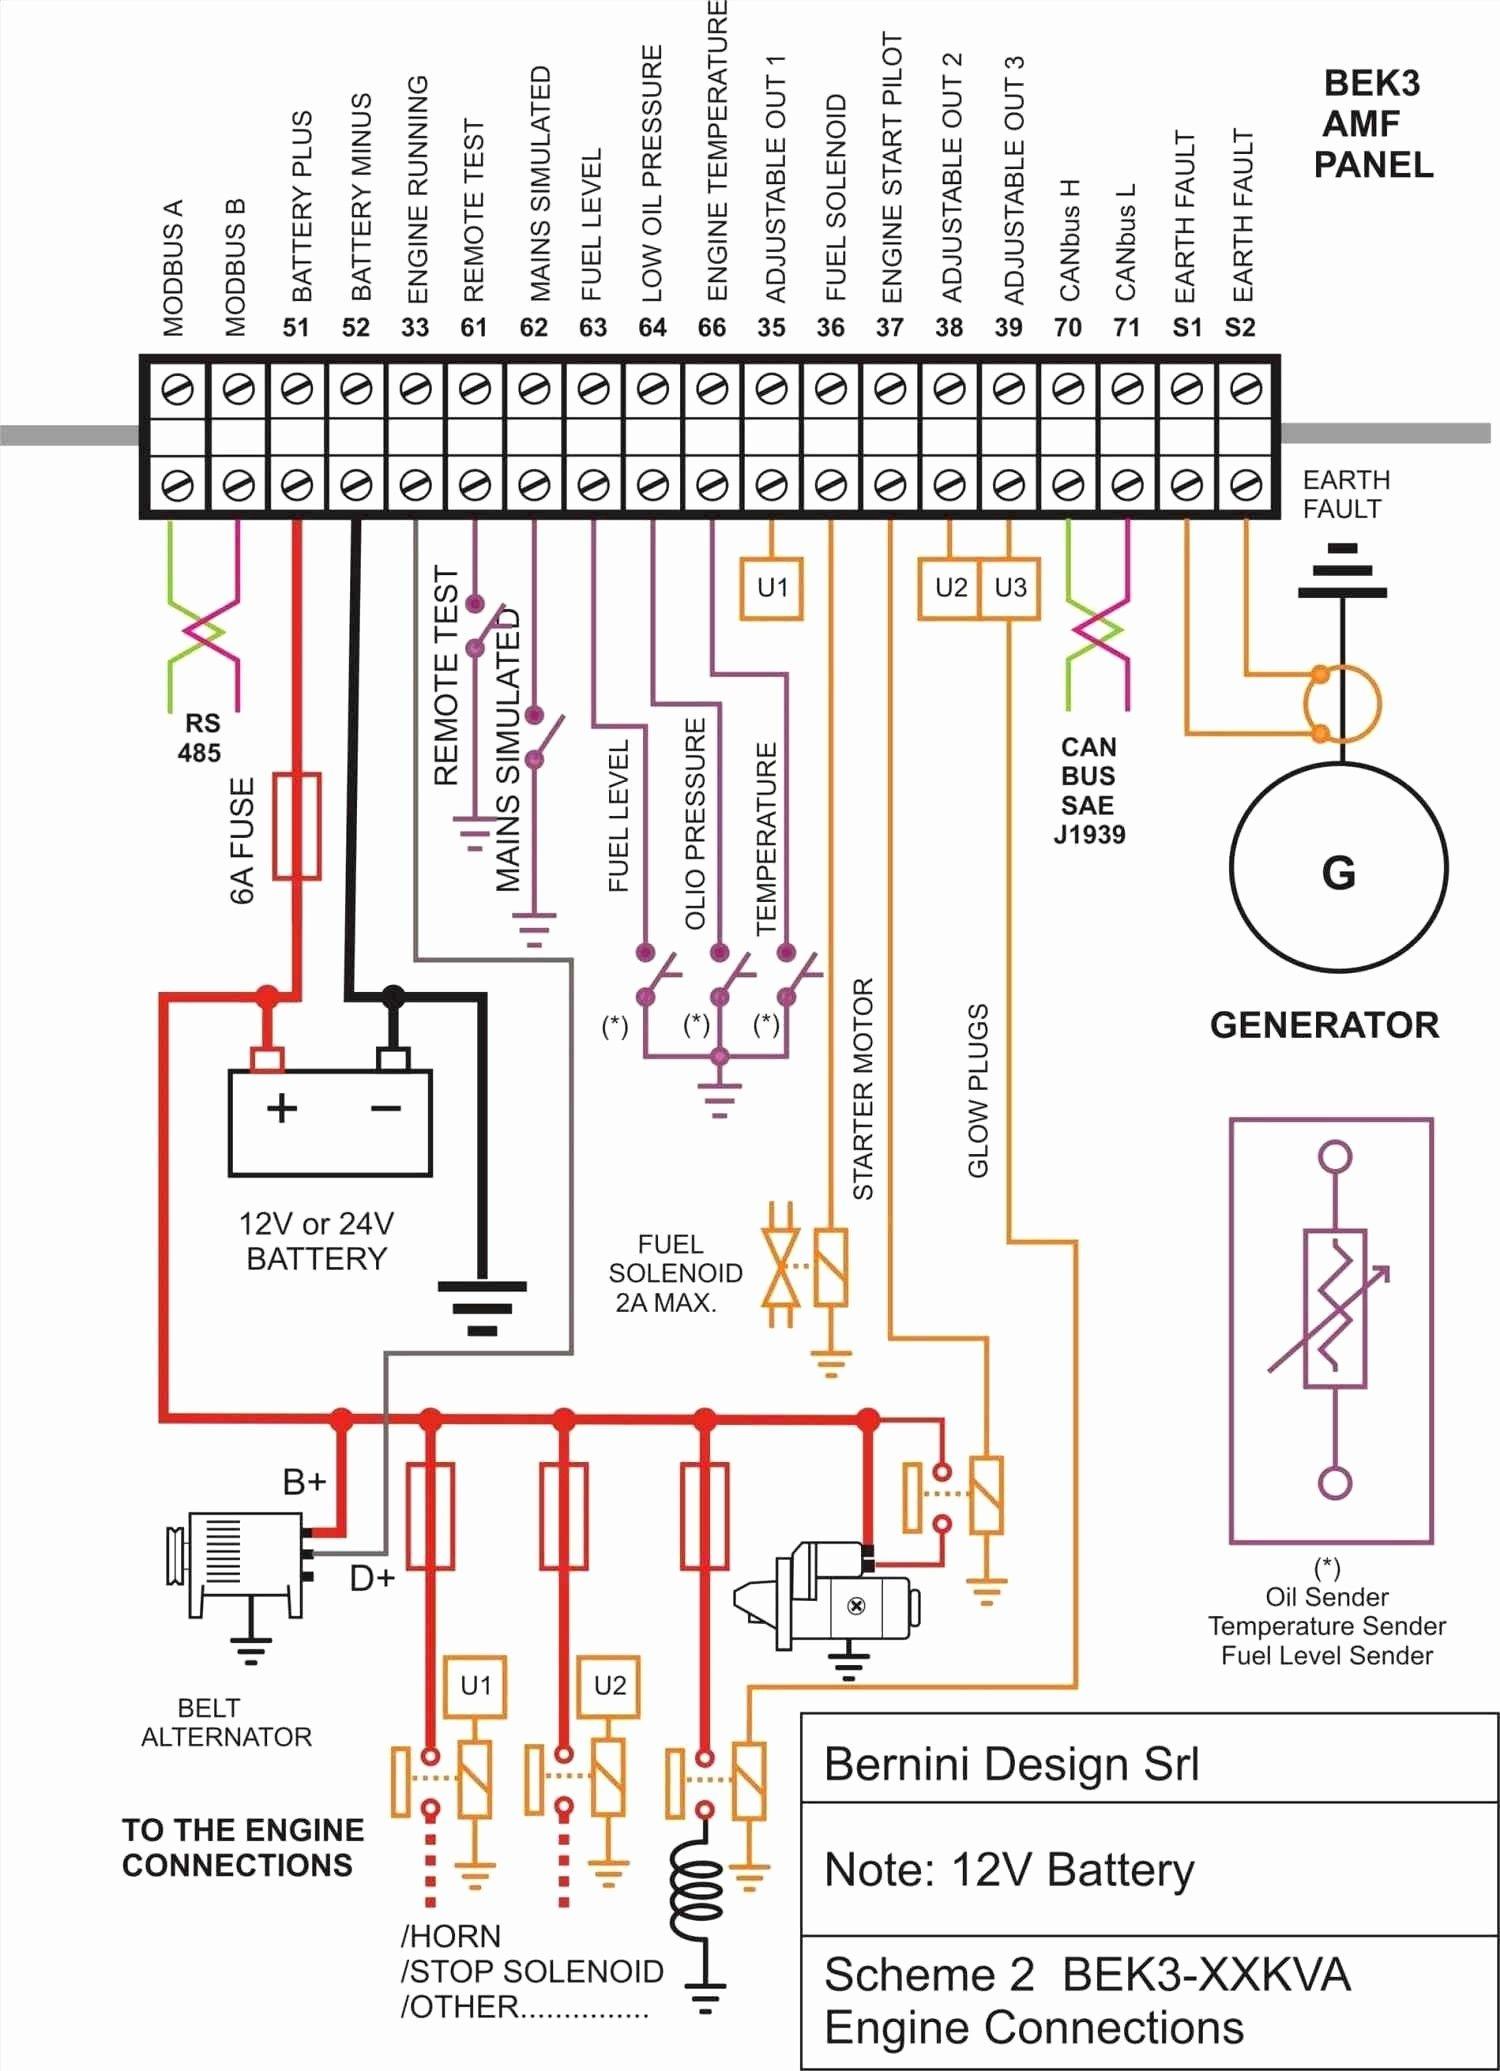 hvac test wiring book diagram schema hvac wiring diagrams troubleshooting ppt hvac wiring diagram test [ 1500 x 2071 Pixel ]